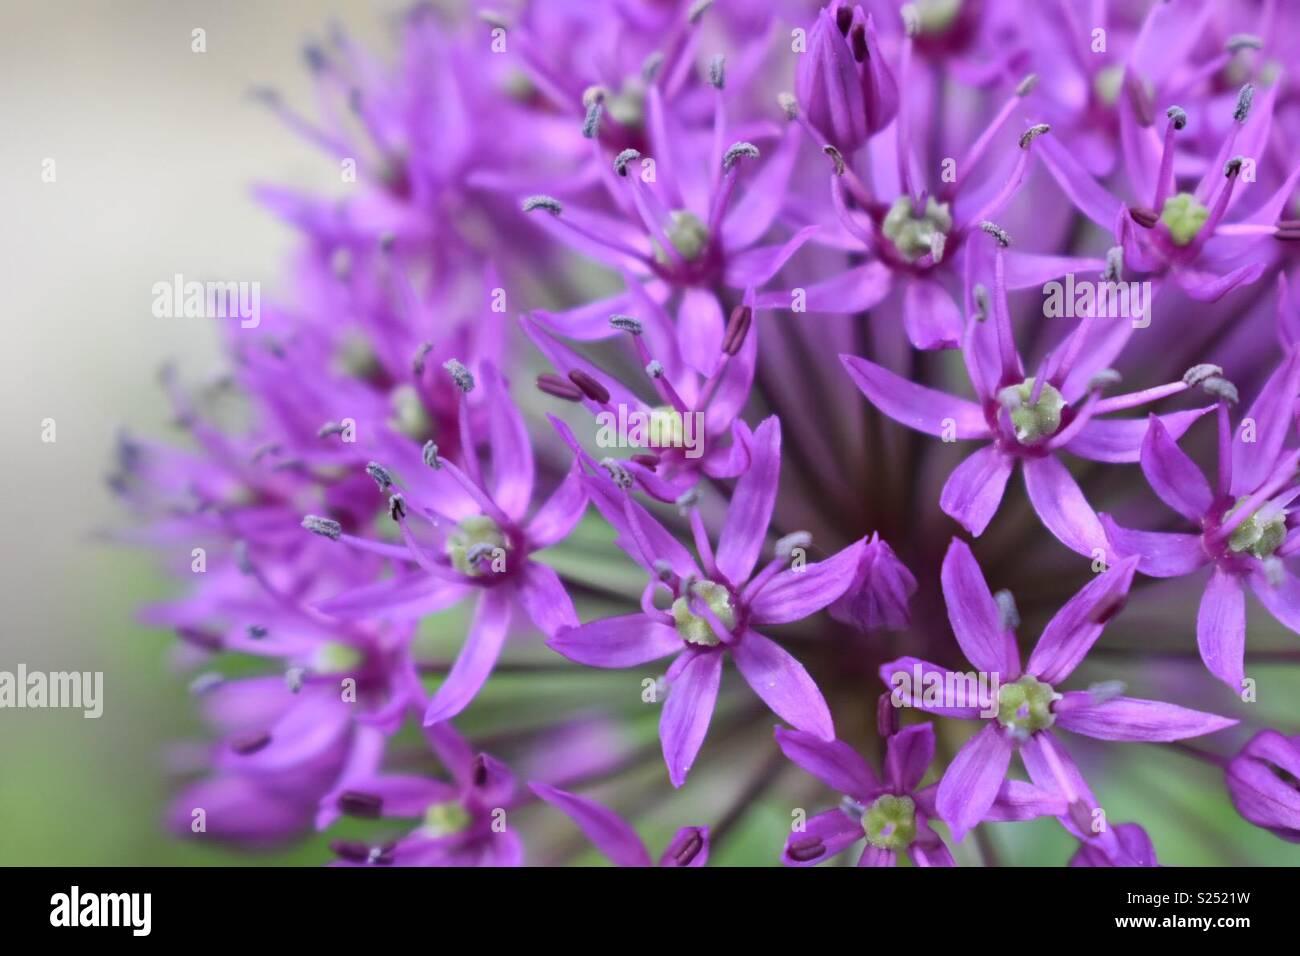 Allium - Stock Image